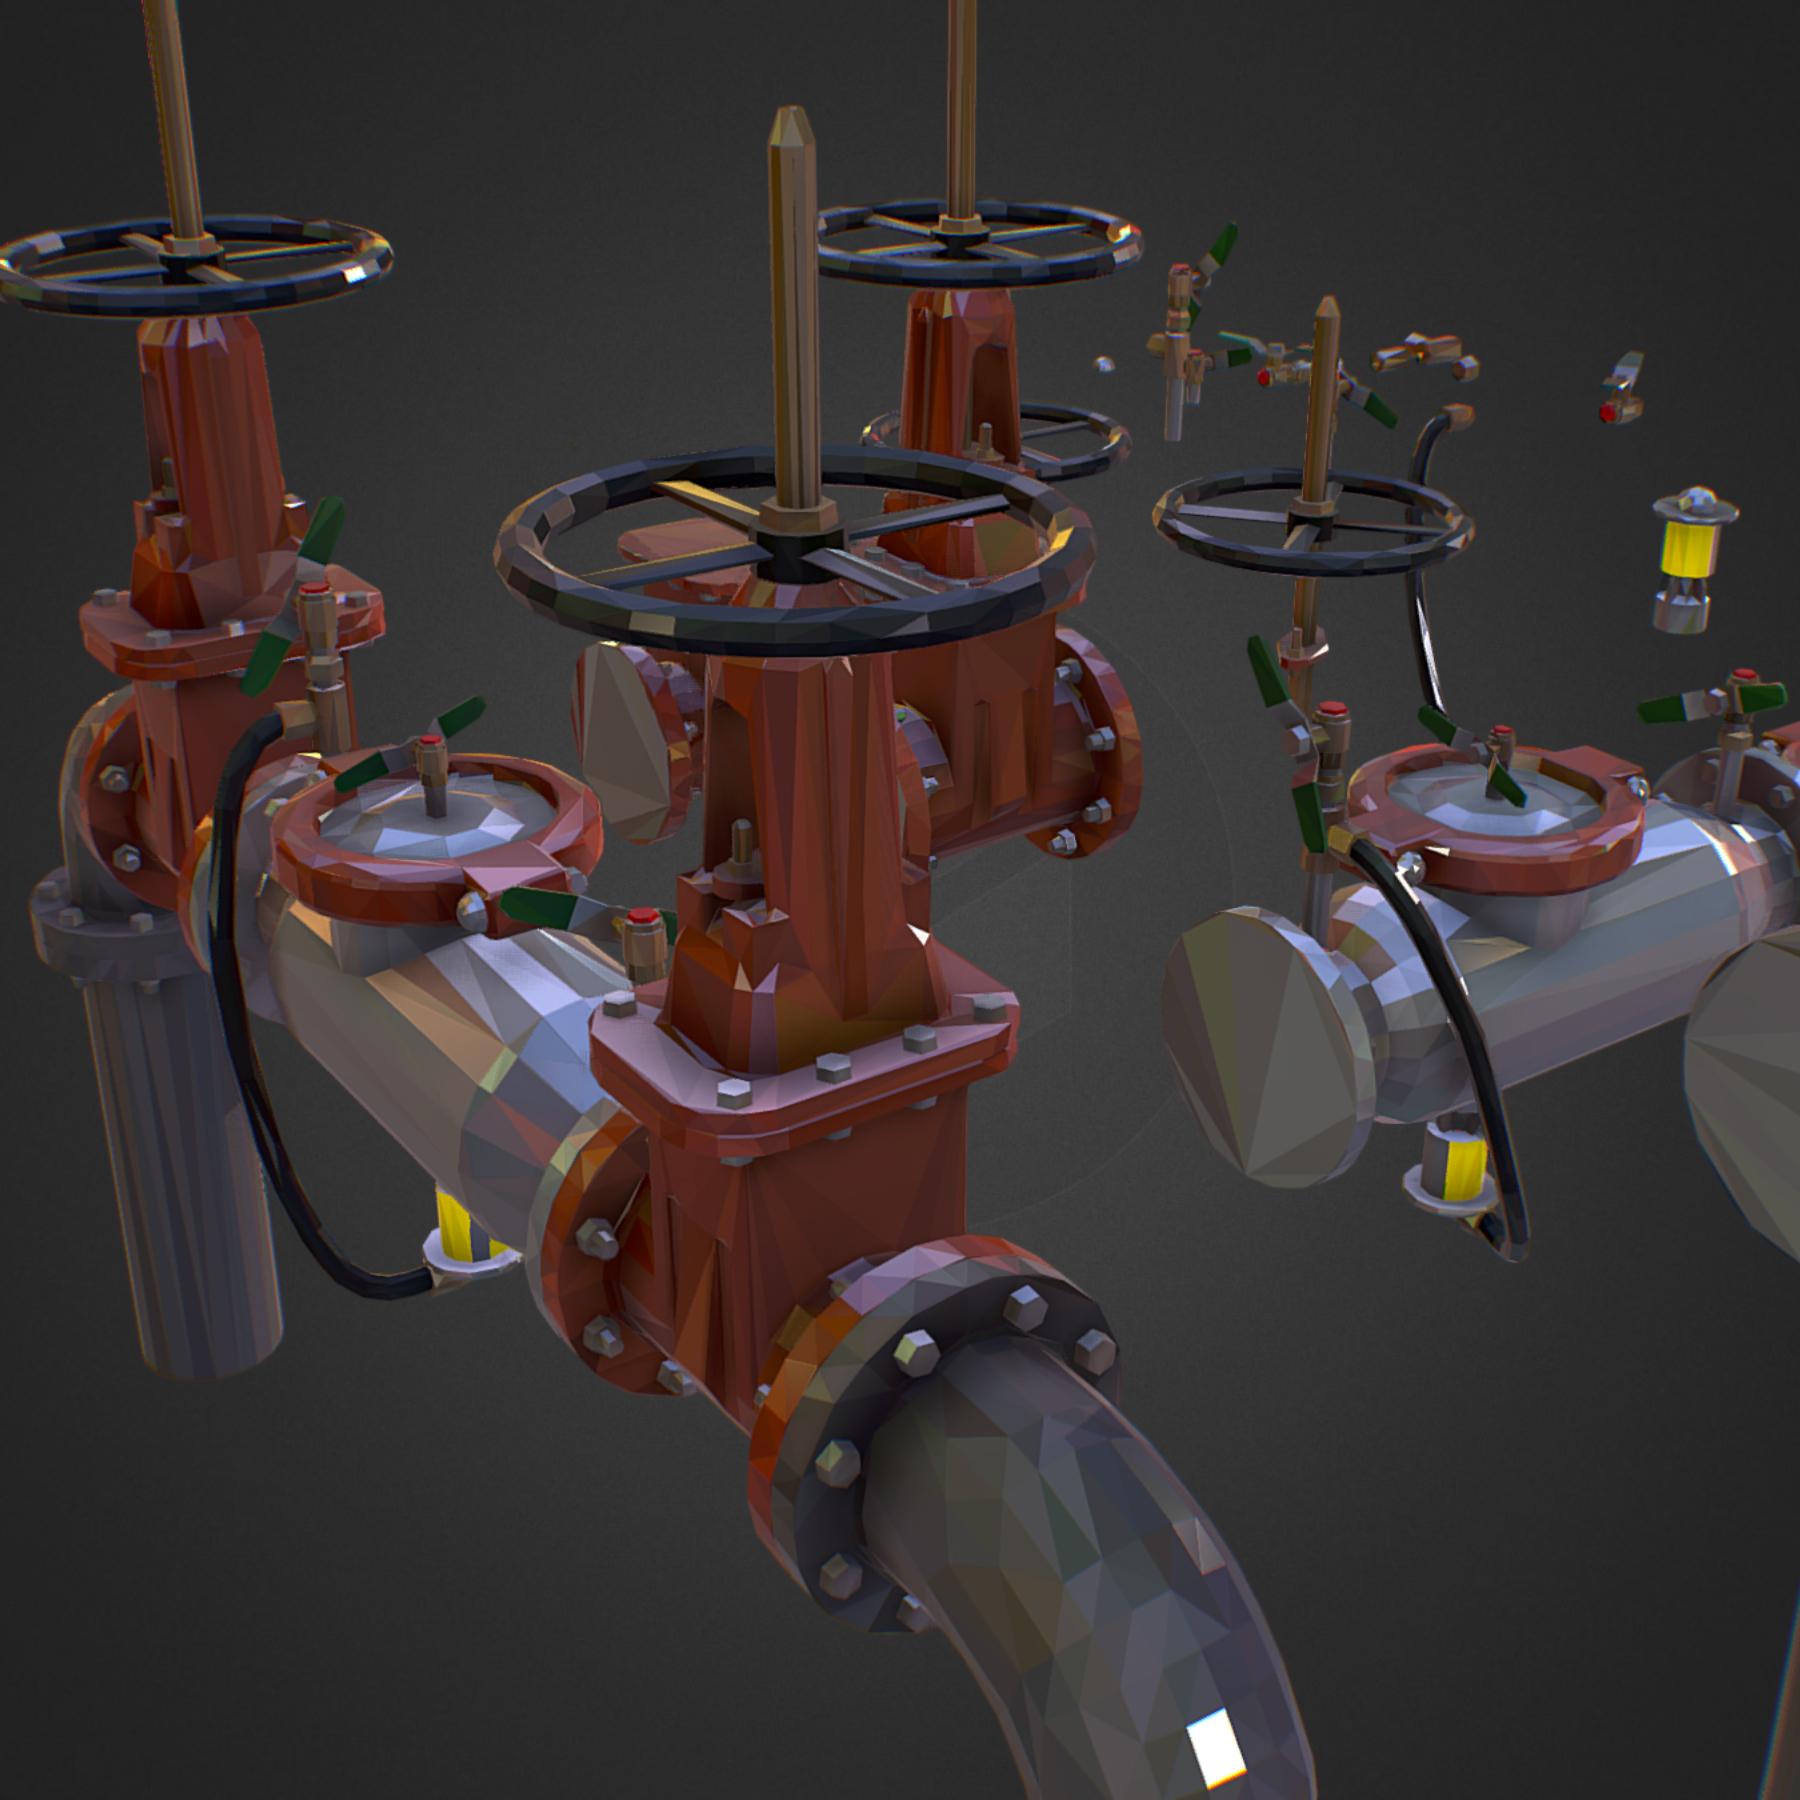 χαμηλός πολυεστιακός κατασκευαστής σωληνώσεων νερού επιστροφής ροής 3d max fbx ma mb tga targa icb vda vst pix obj 272537